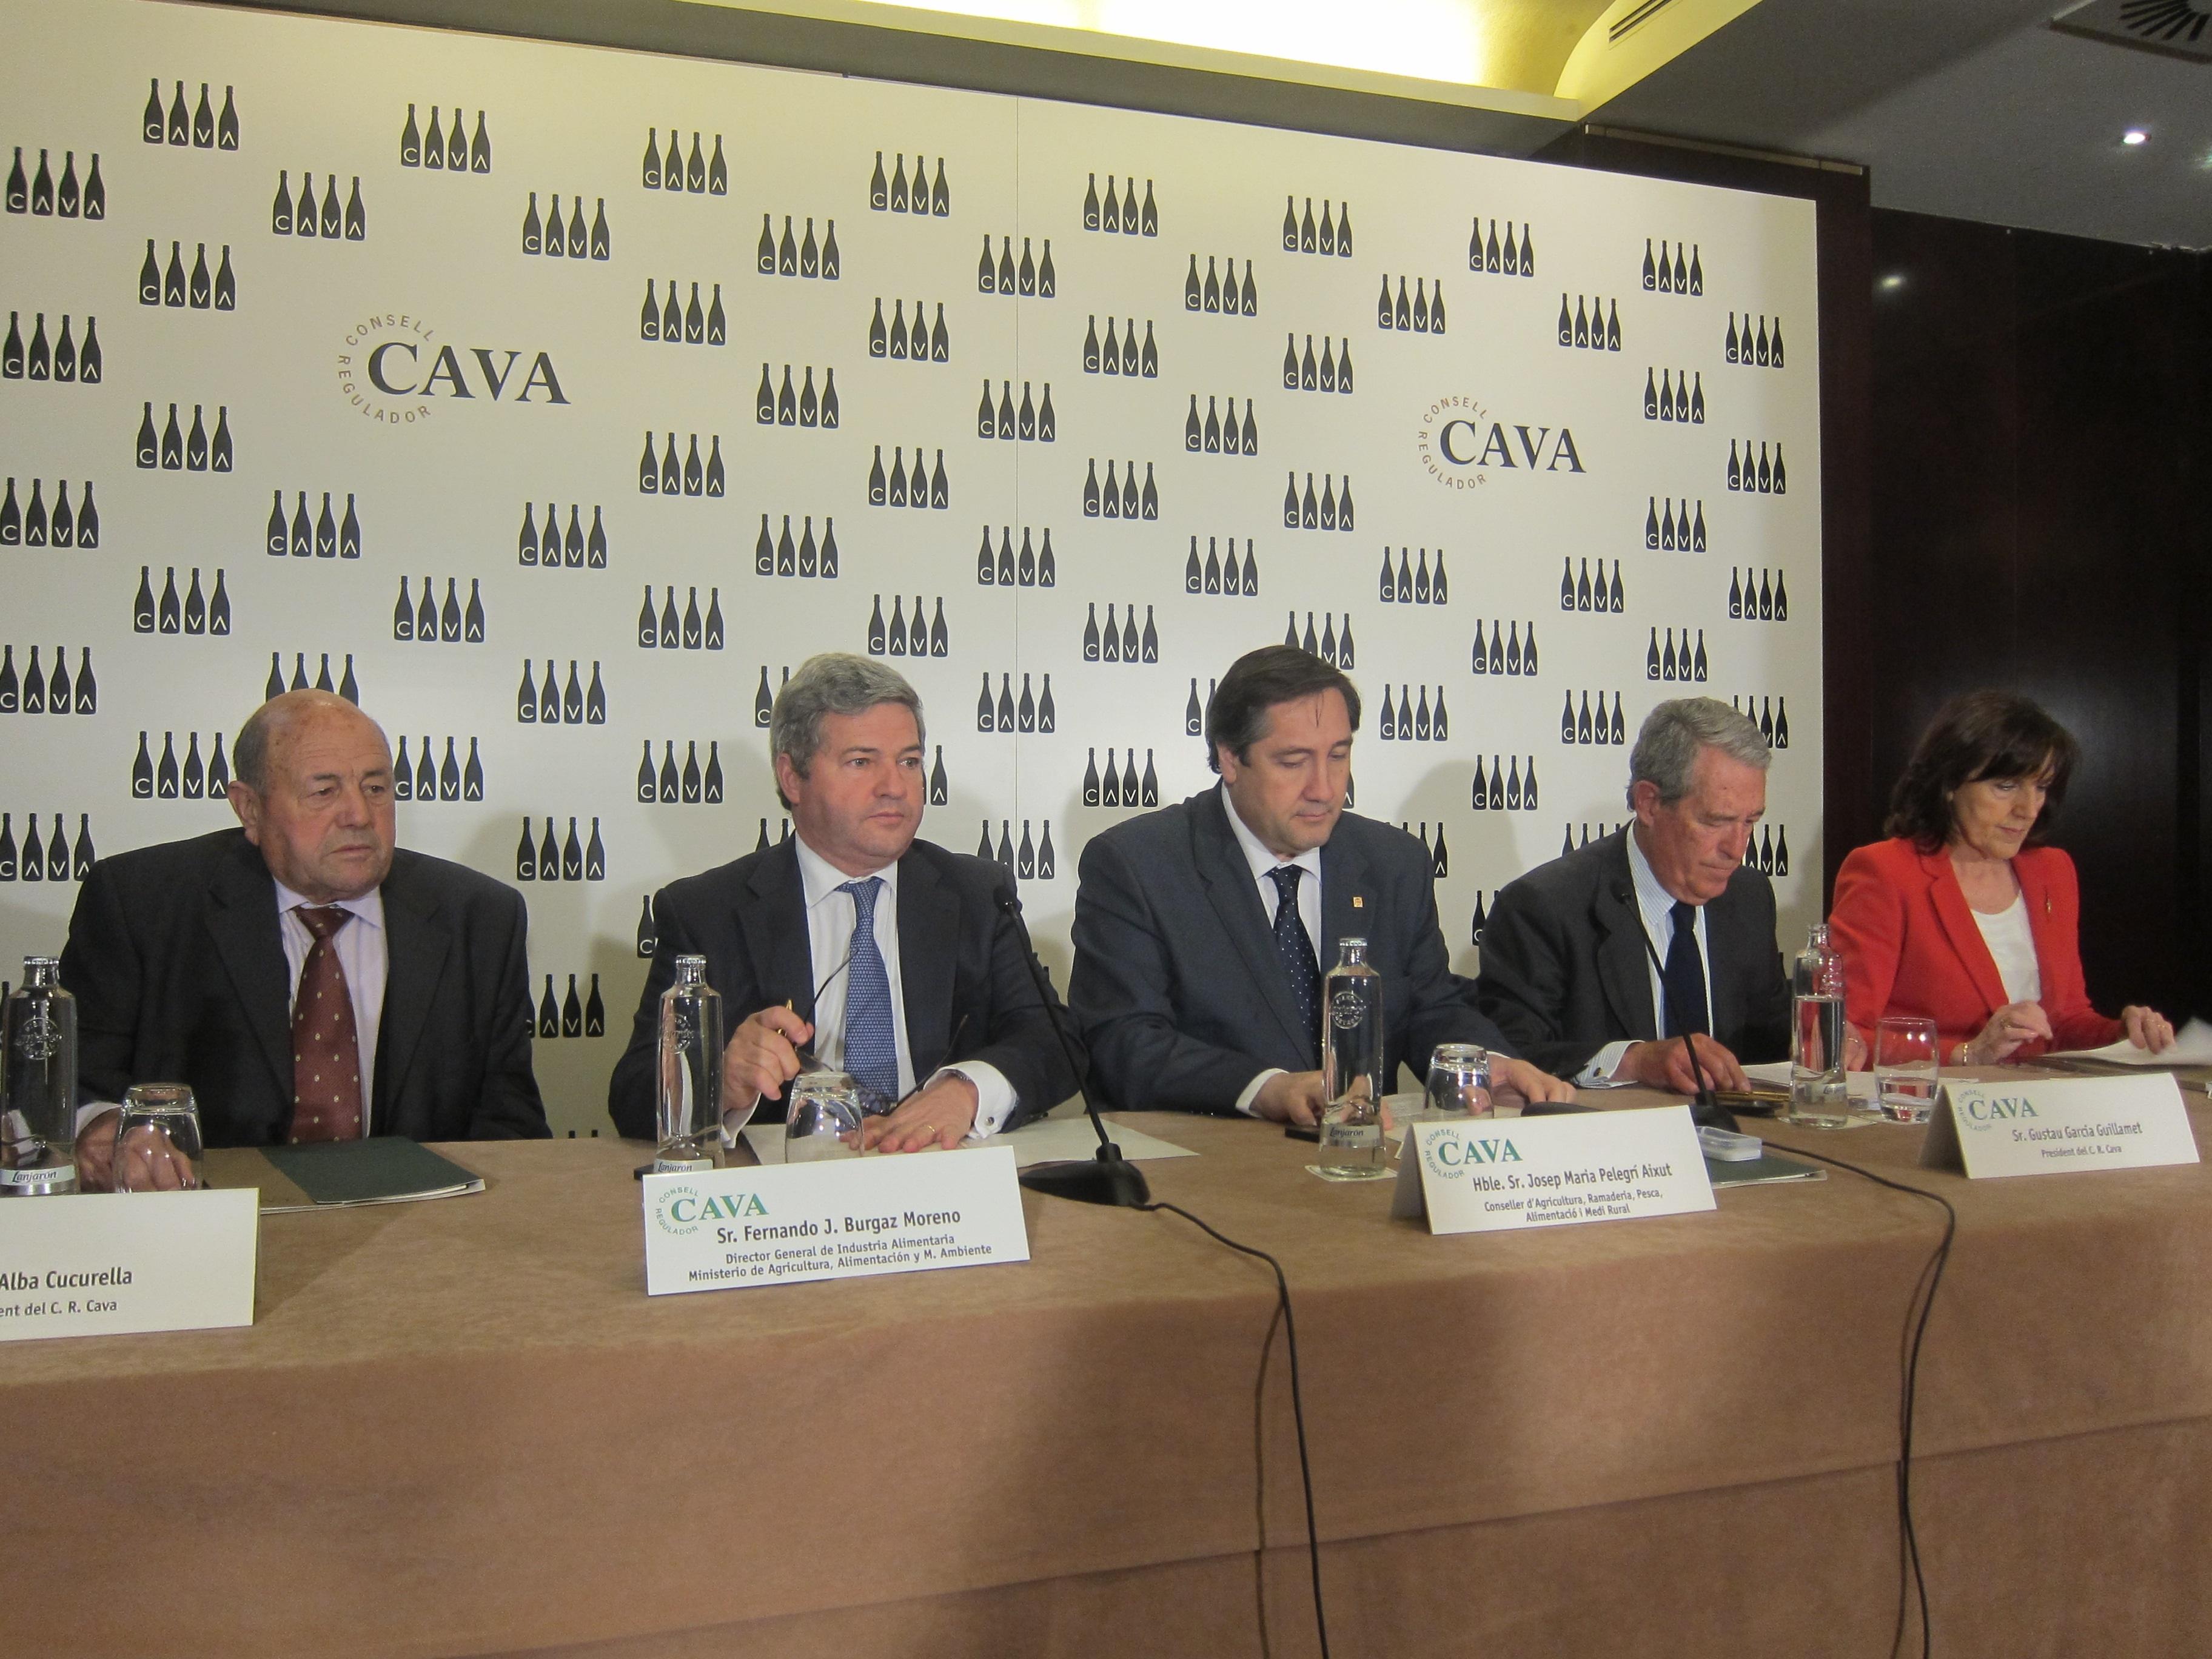 El cava aumenta las ventas hasta los 243 millones de botellas y las exportaciones crecen un 6%